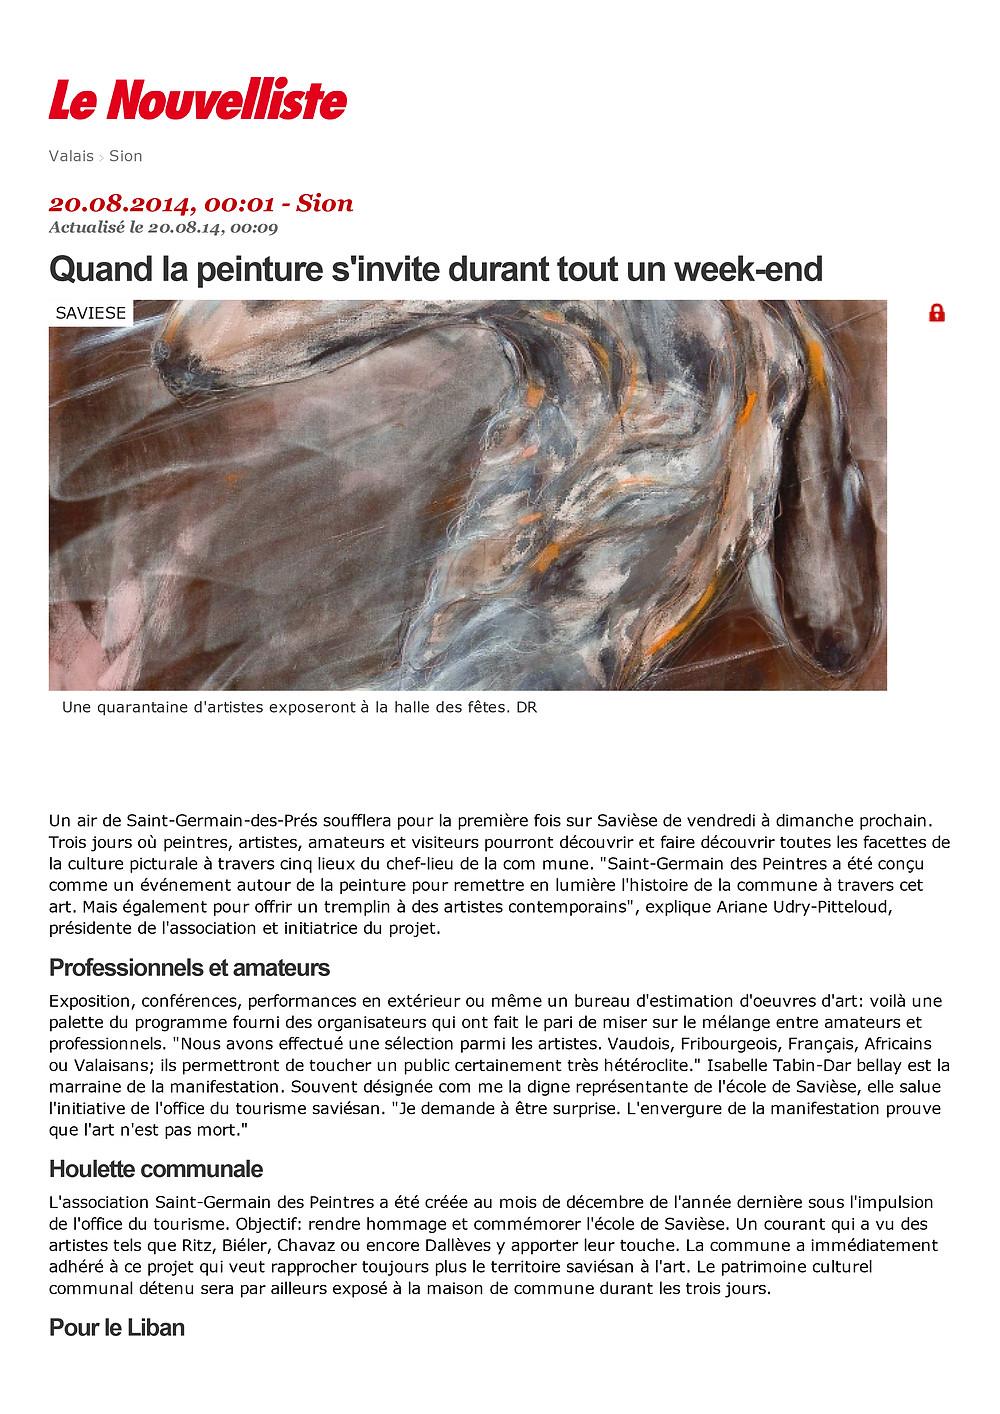 Quand la peinture s'invite... - Le Nouvelliste Online  p1.jpg